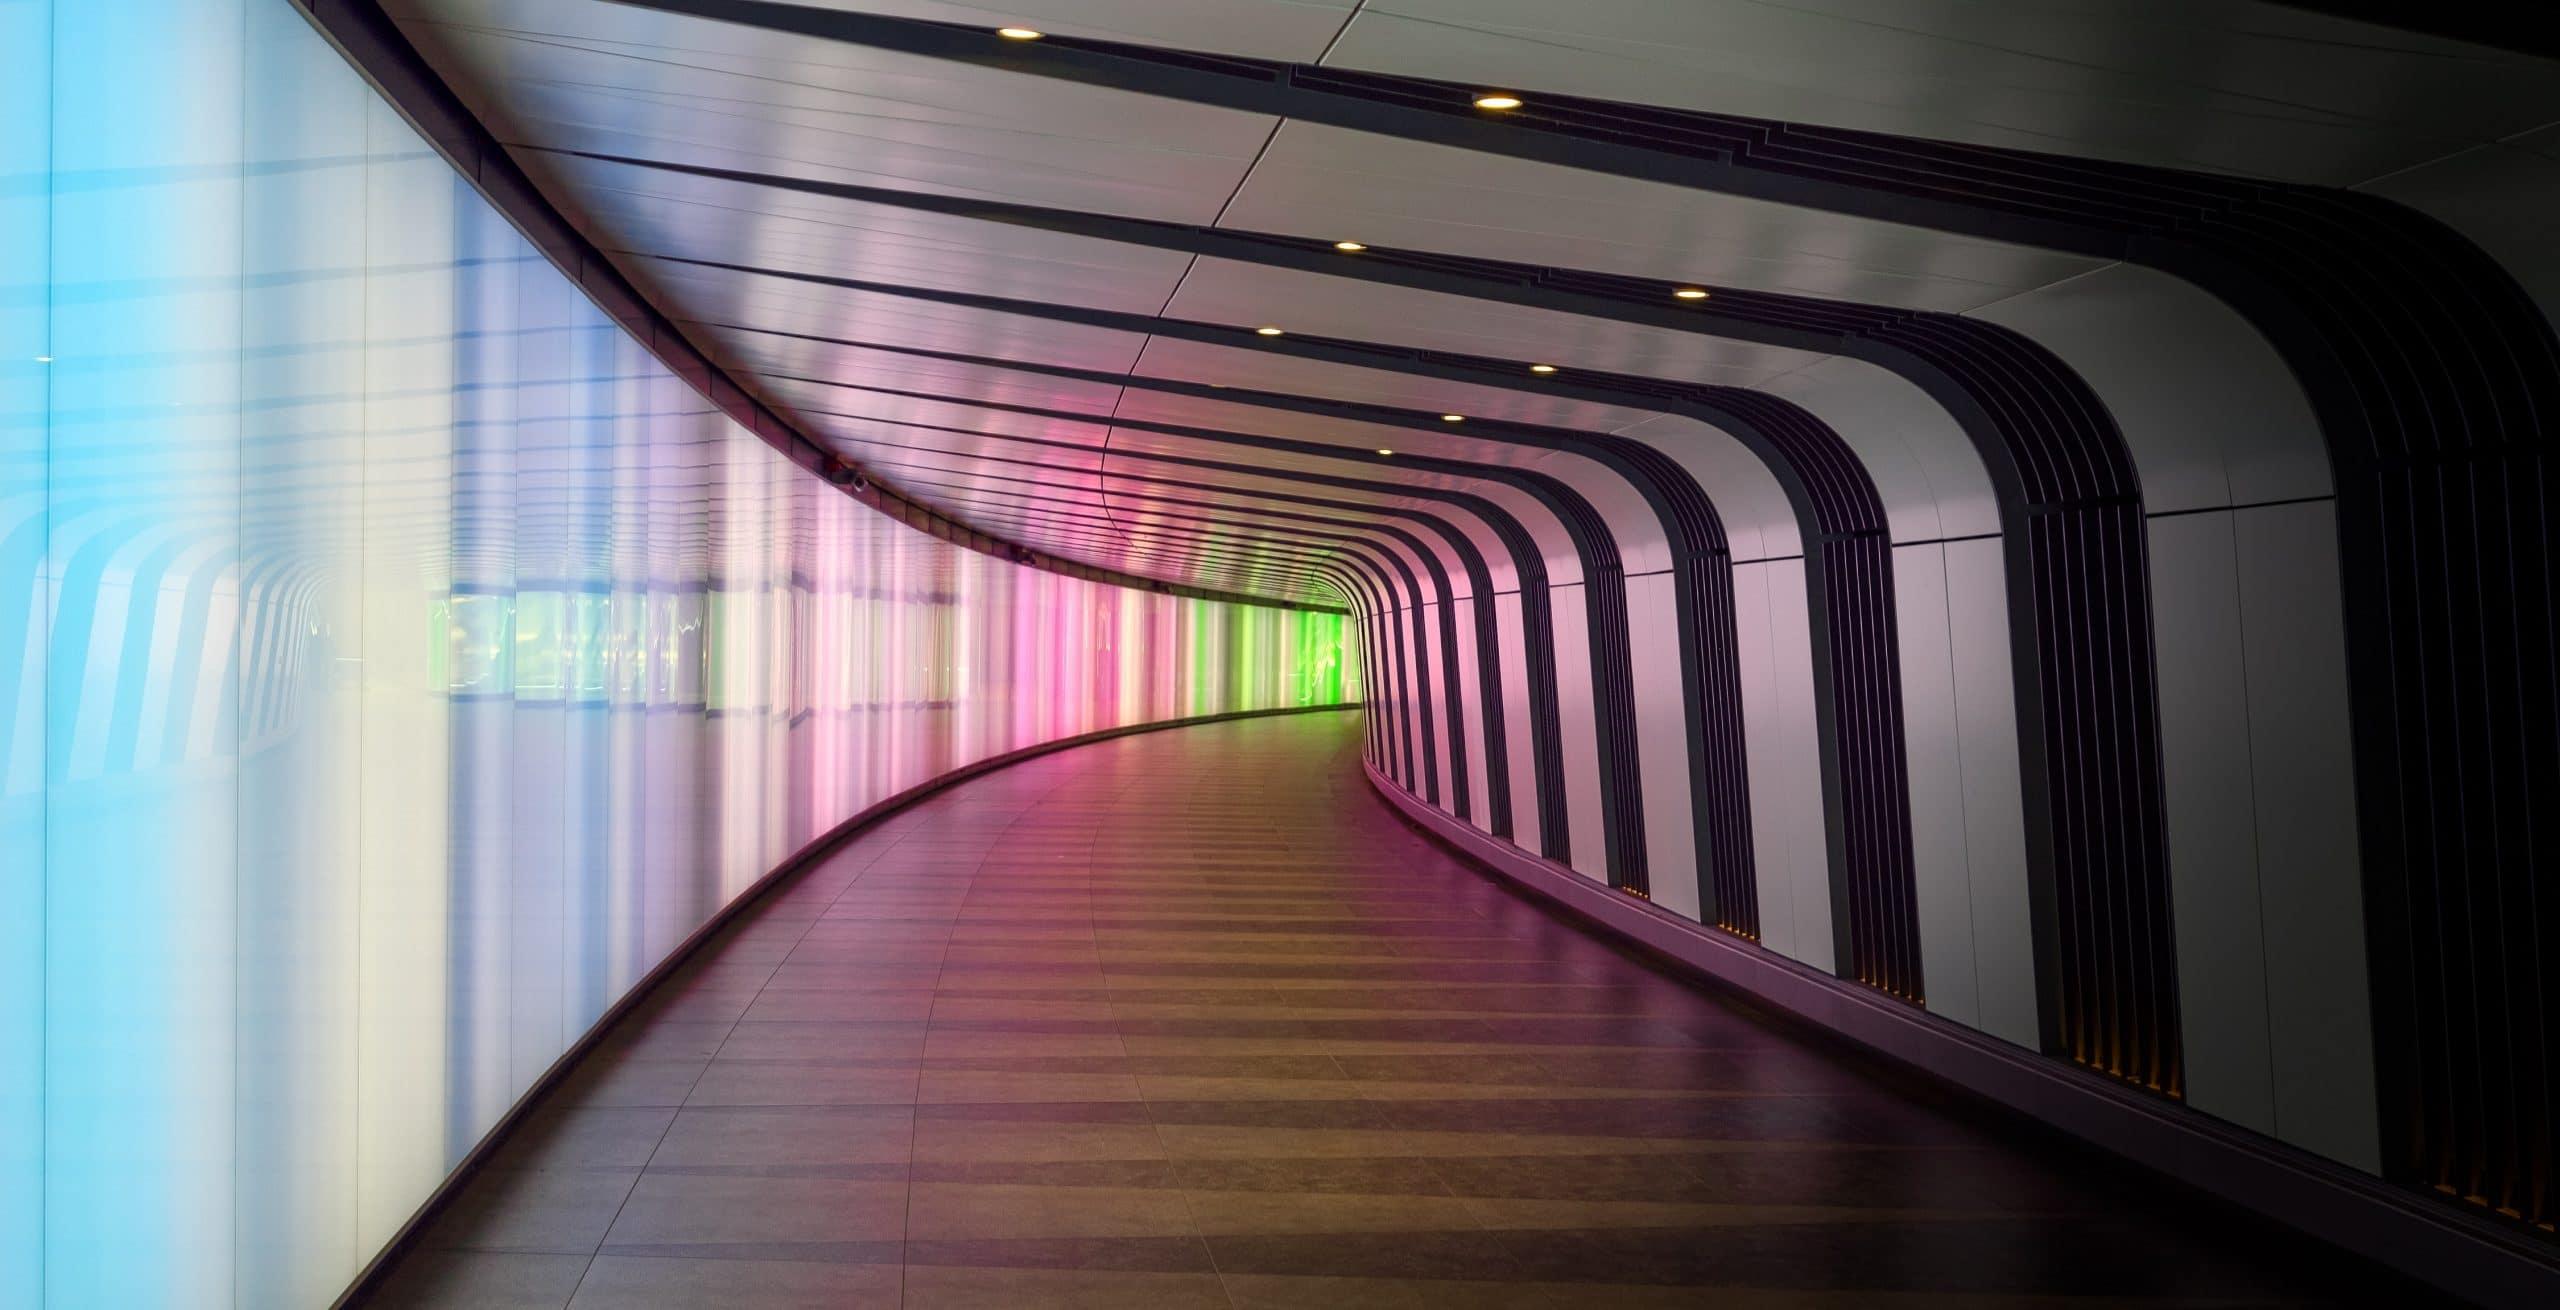 colourful portal